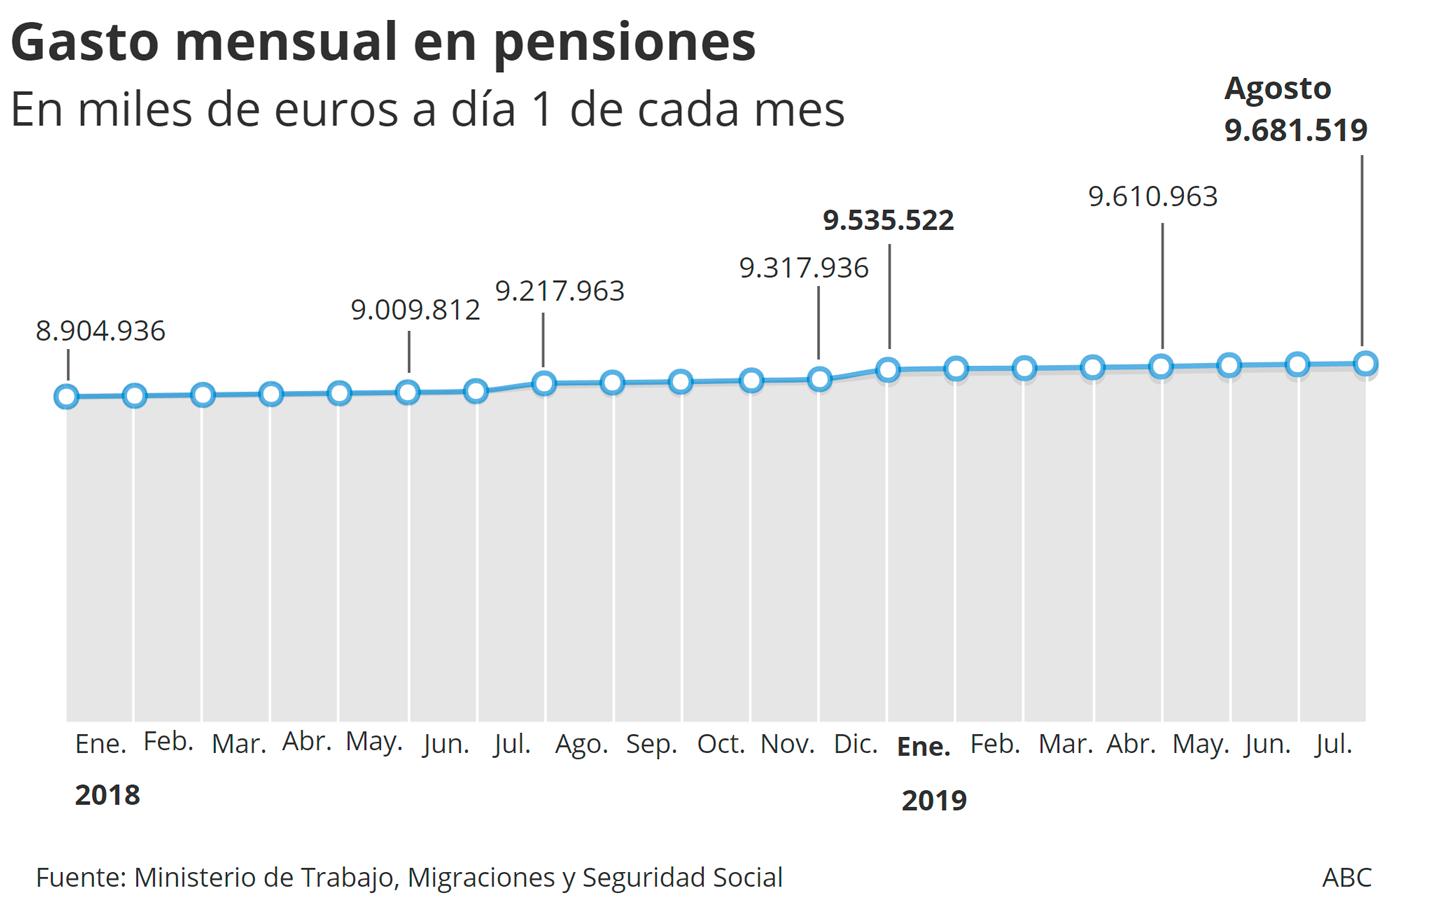 Desde enero del pasado año, el gasto total en pensiones no ha dejado de aumentar mensualmente. Este mes ha llegado hasta los 9.681.519€. El número de afiliados por pensionista ha alcanzado 2,31 de media en julio